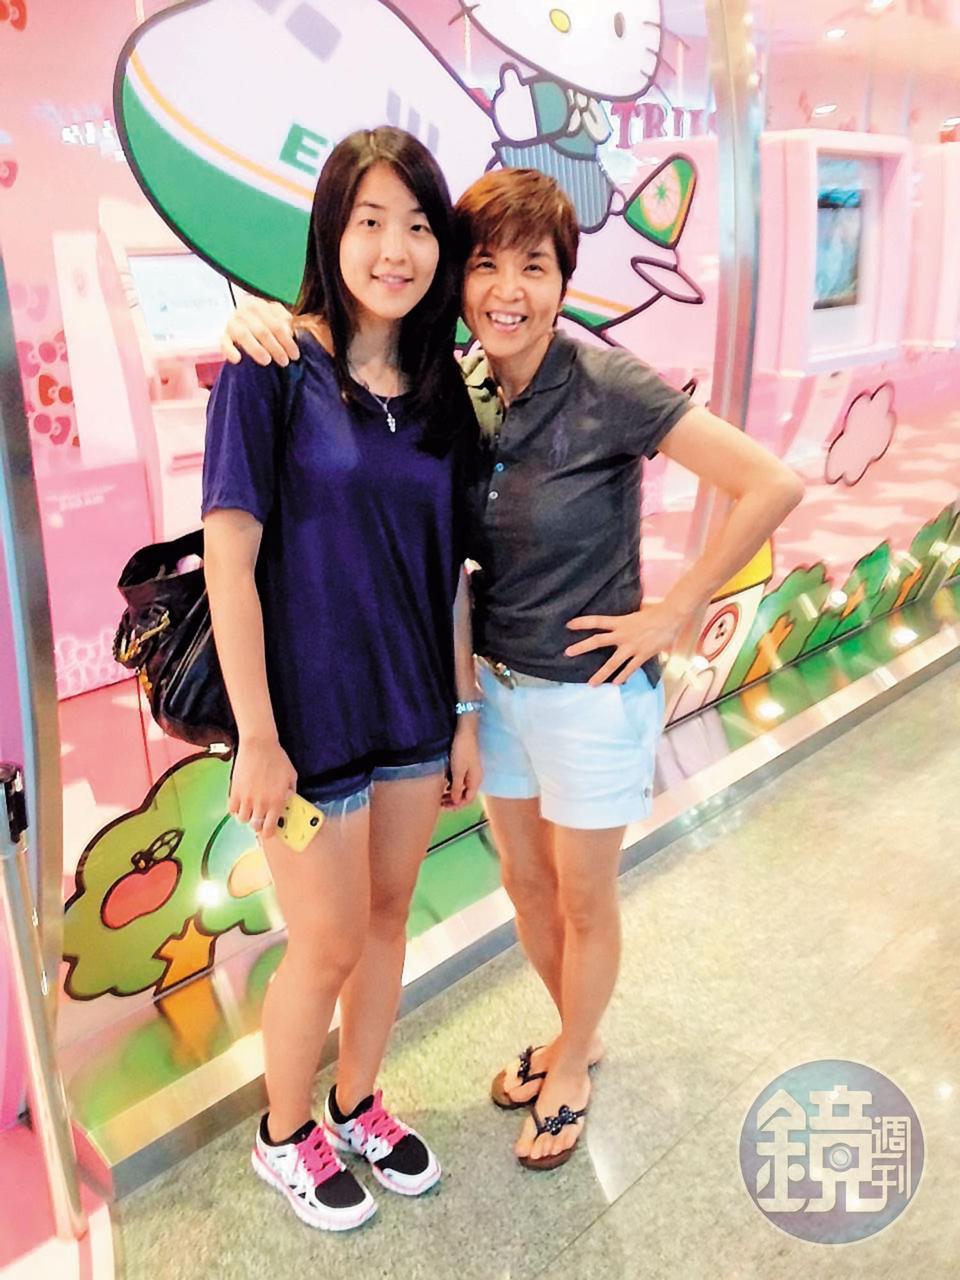 楊宇晨(左)過去常和父母出遊玩樂,沒想到如今卻遭父母拋下,獨自一人關押在牢籠中。(翻攝臉書)